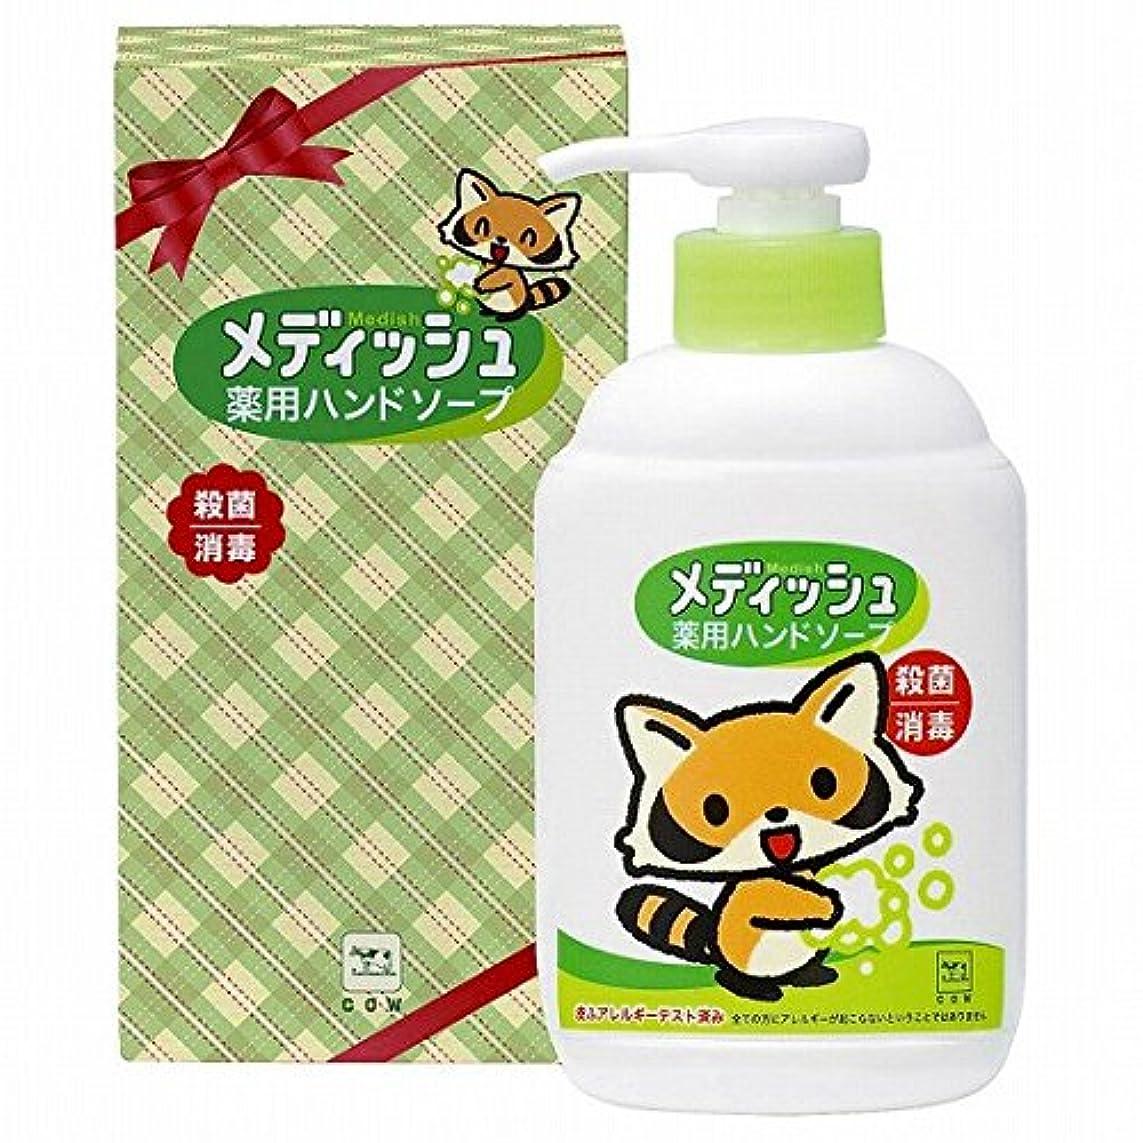 謙虚な等価使用法nobrand 牛乳石鹸 メディッシュ 薬用ハンドソープ 250ml 箱入(MS35)